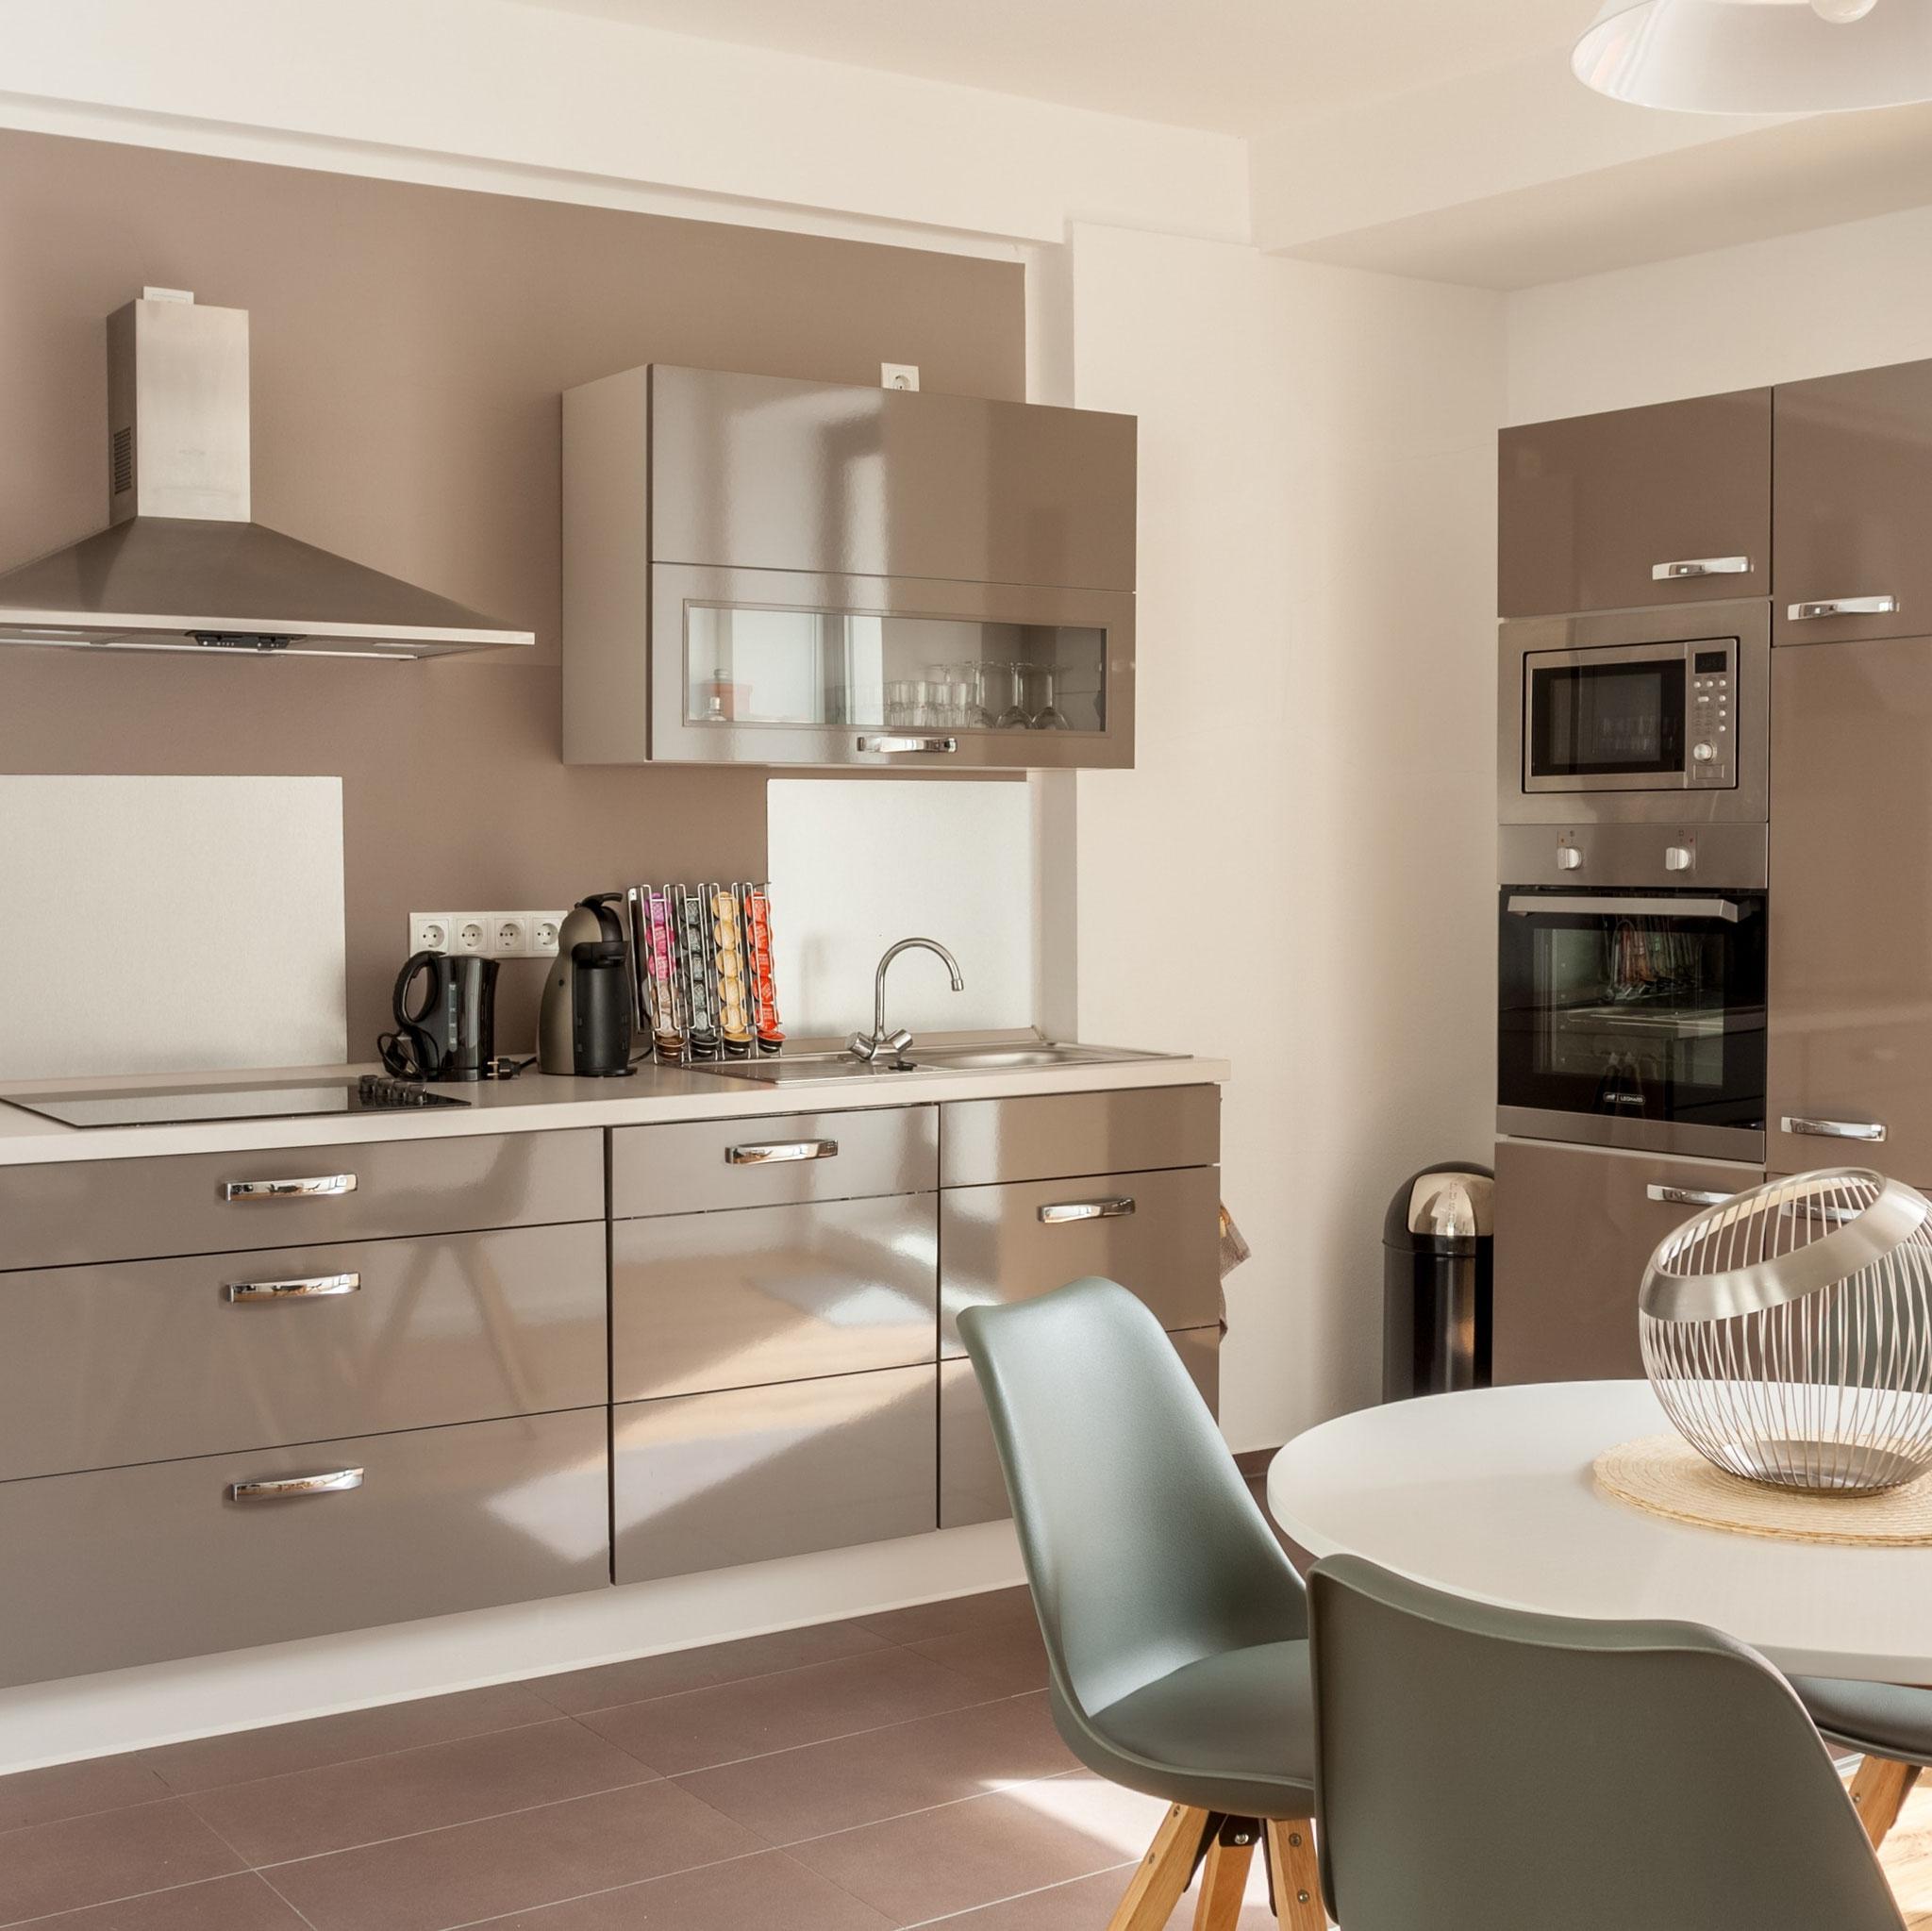 Ferienwohnung Schwerin - Küche mit Essbereich